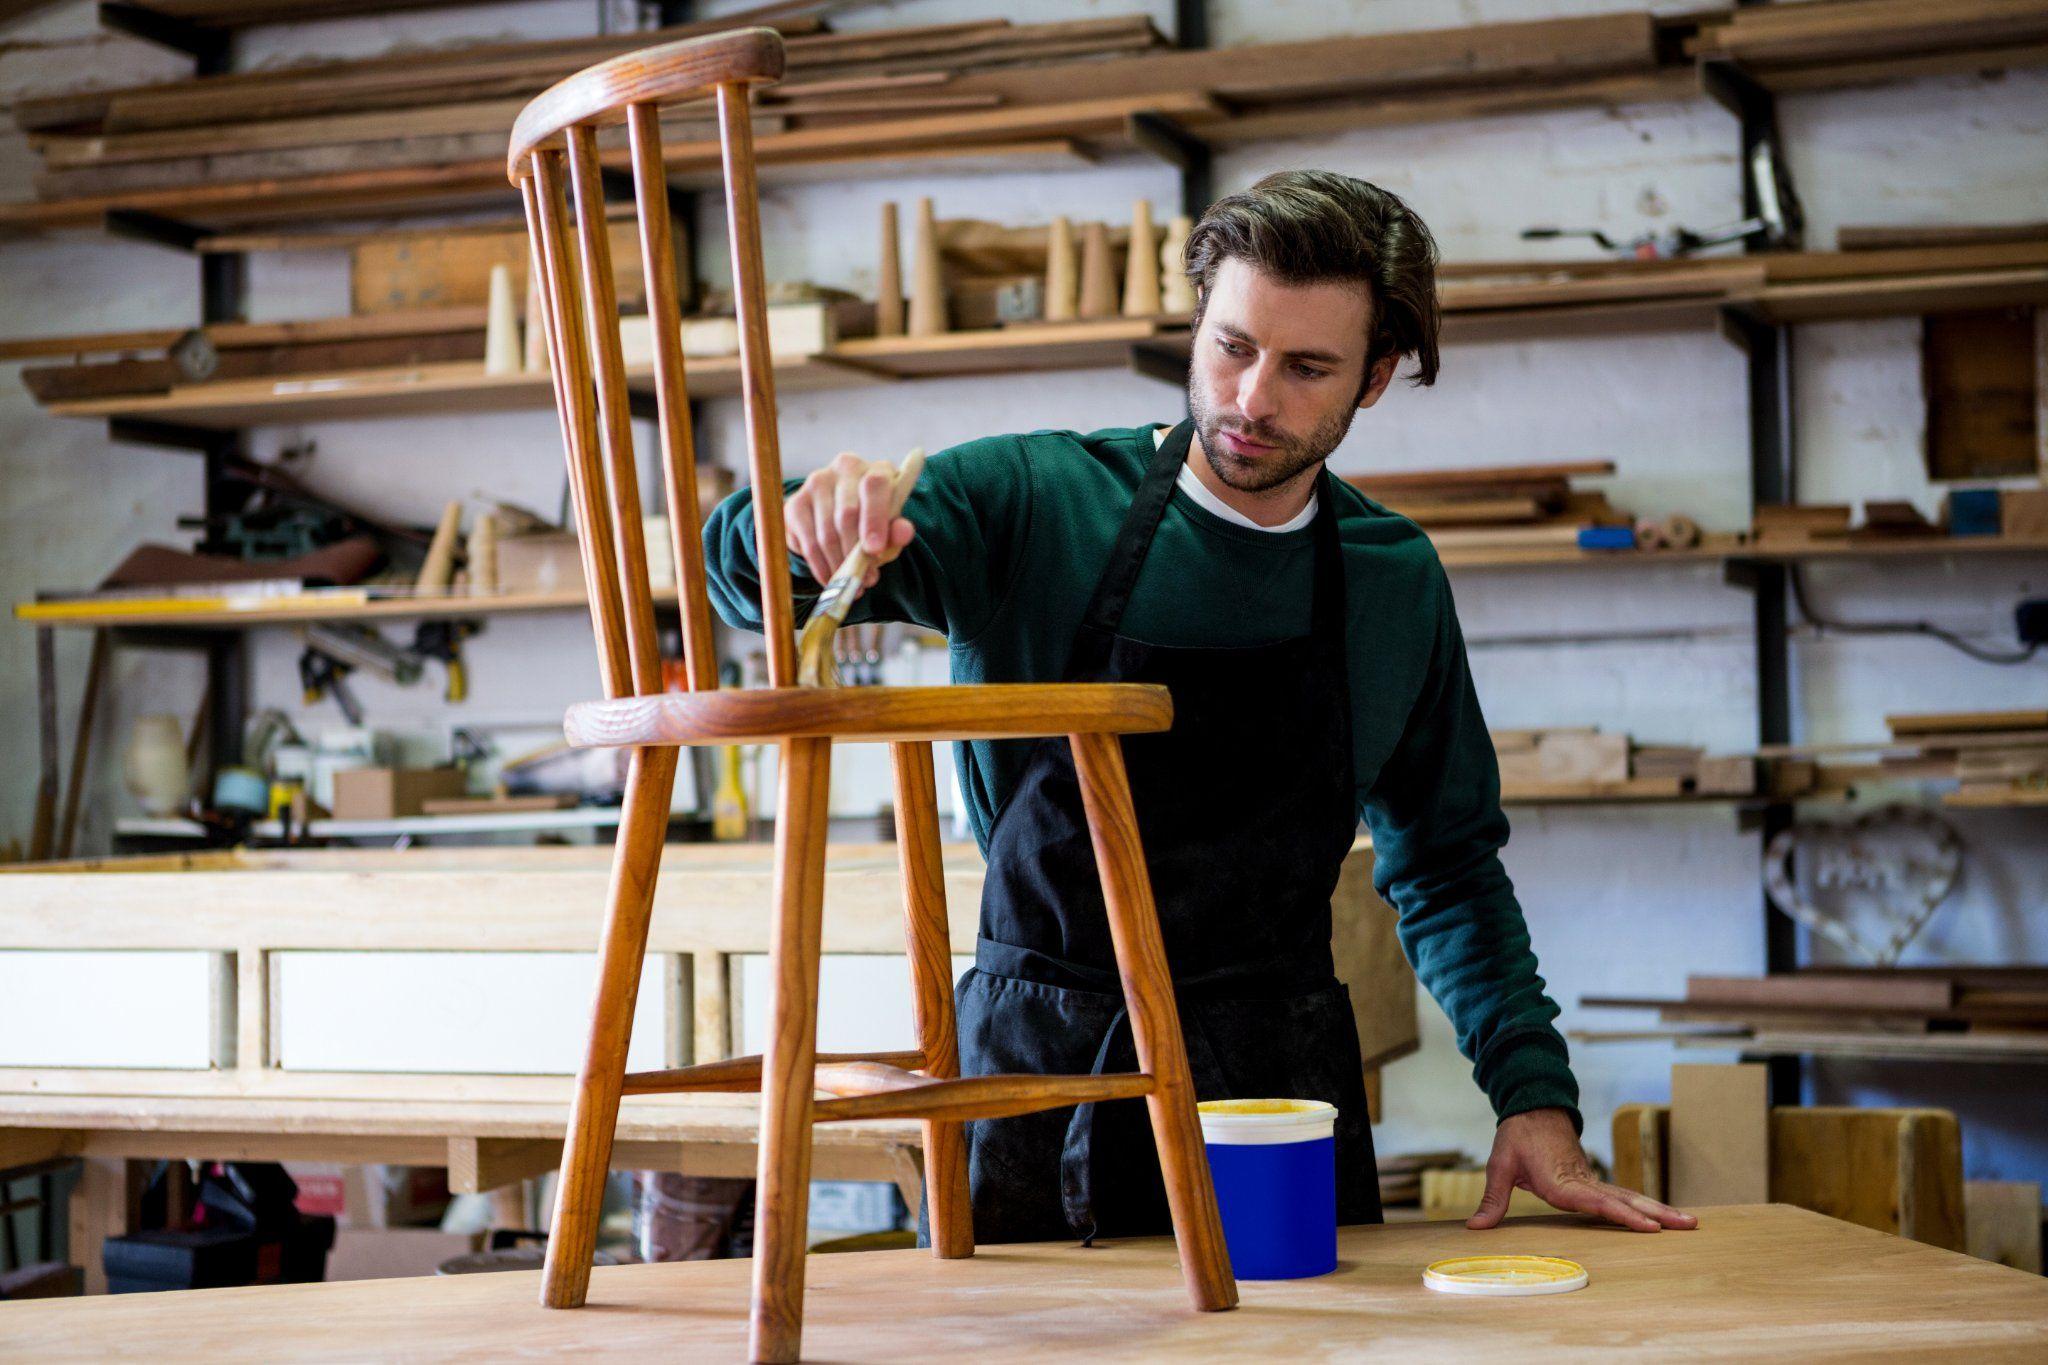 In questo articolo potete trovare un'idea originale per decorare le vecchie sedie di casa, magari vi sembrano anonime e volete rivisitarle. Cosa Ti Serve Per Dipingere Una Sedia Fai Da Te Instapro